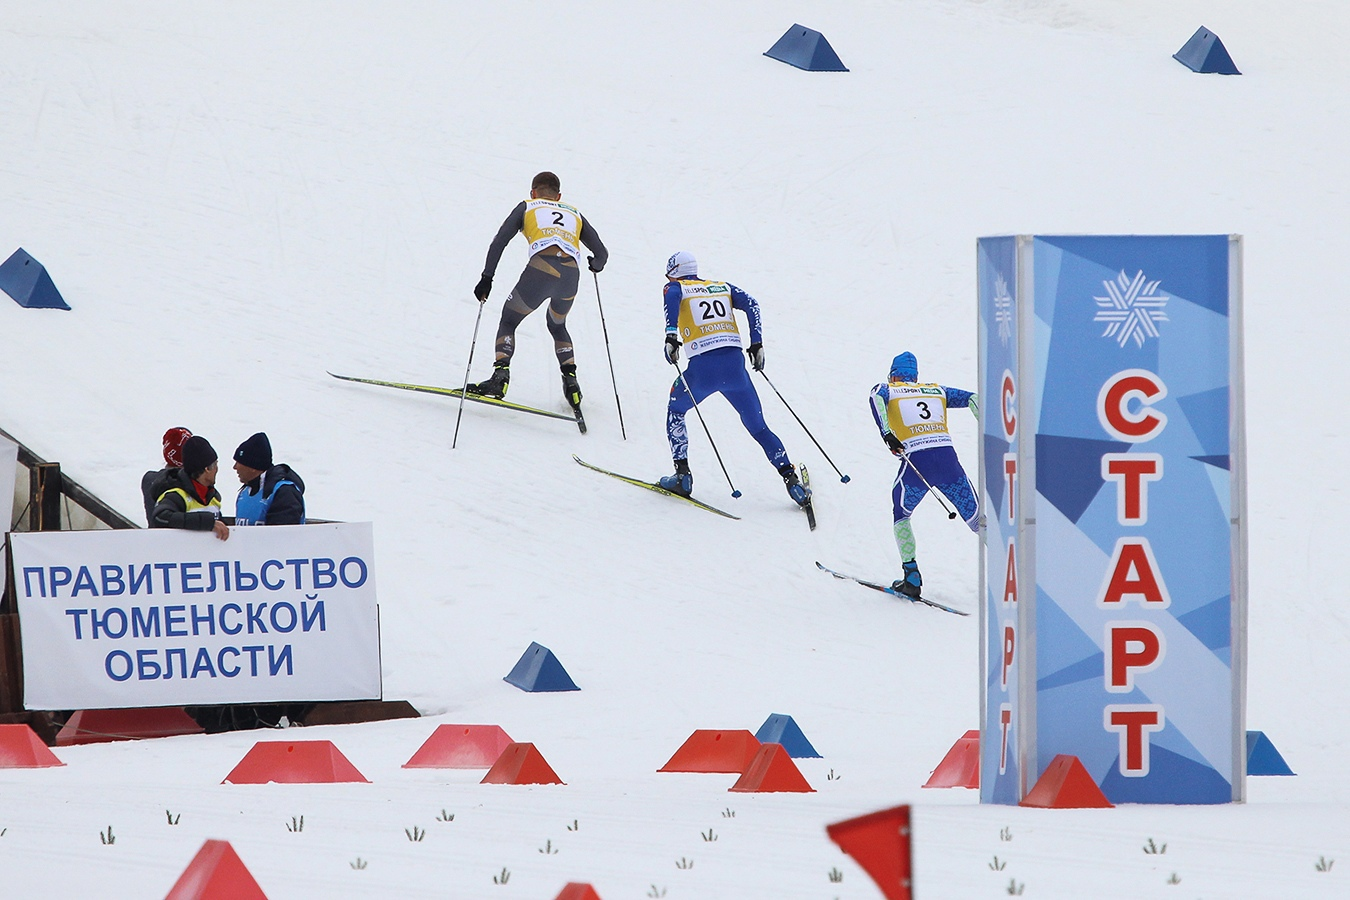 Власти Тюменской власти на месяц отменяют проведение региональных соревнований. Российские старты планируется проводить